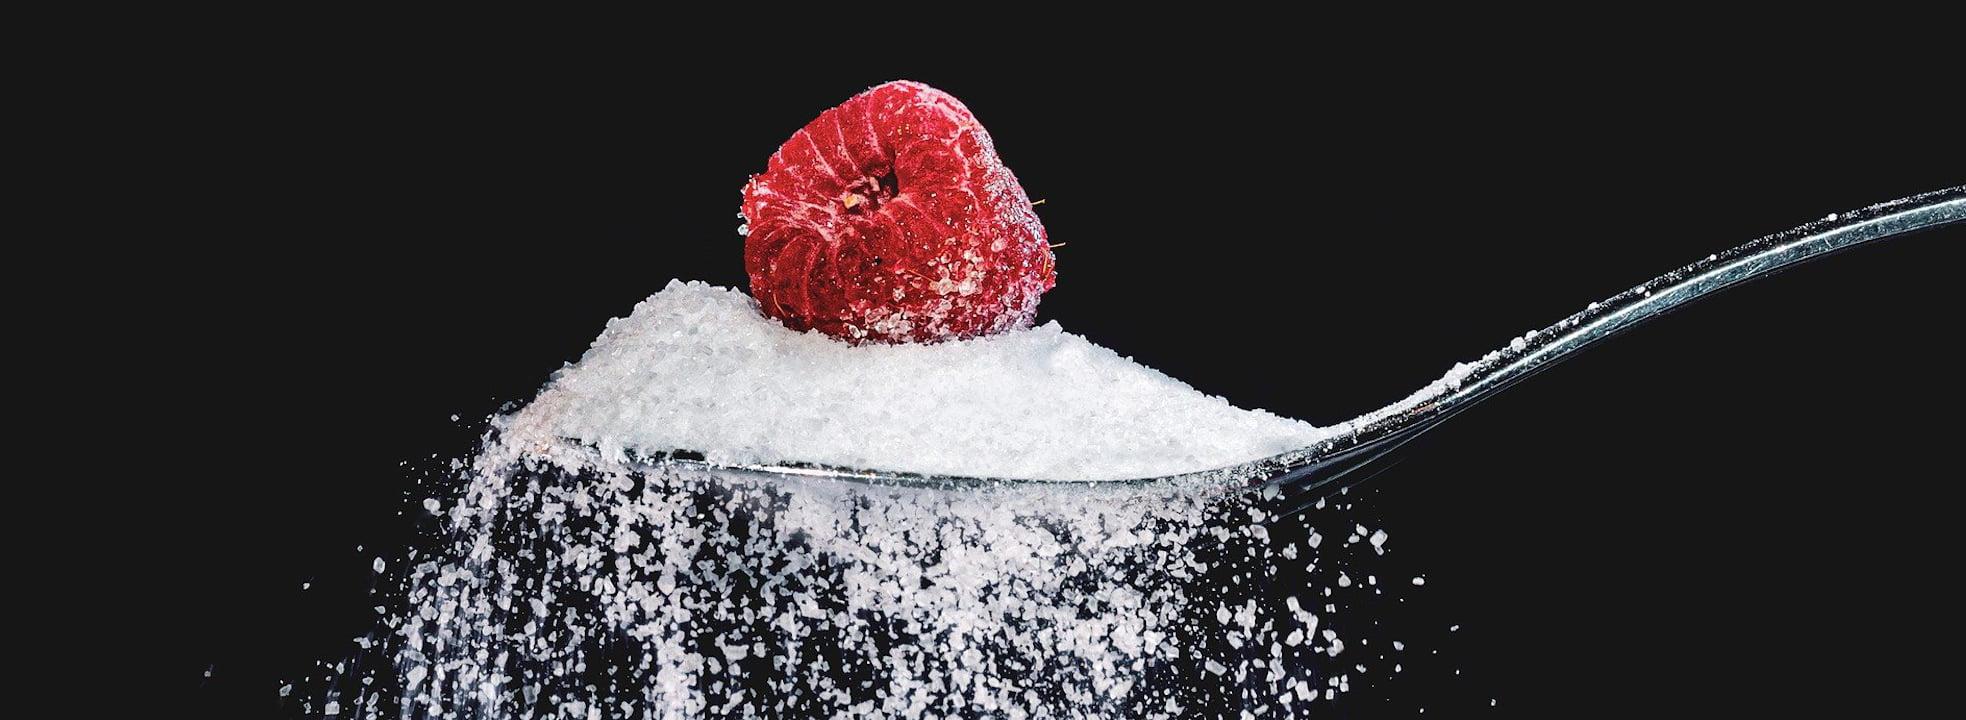 Erytrol - właściwości, kalorie KCAL, indeks glikemiczny. Co to jest erytrol?